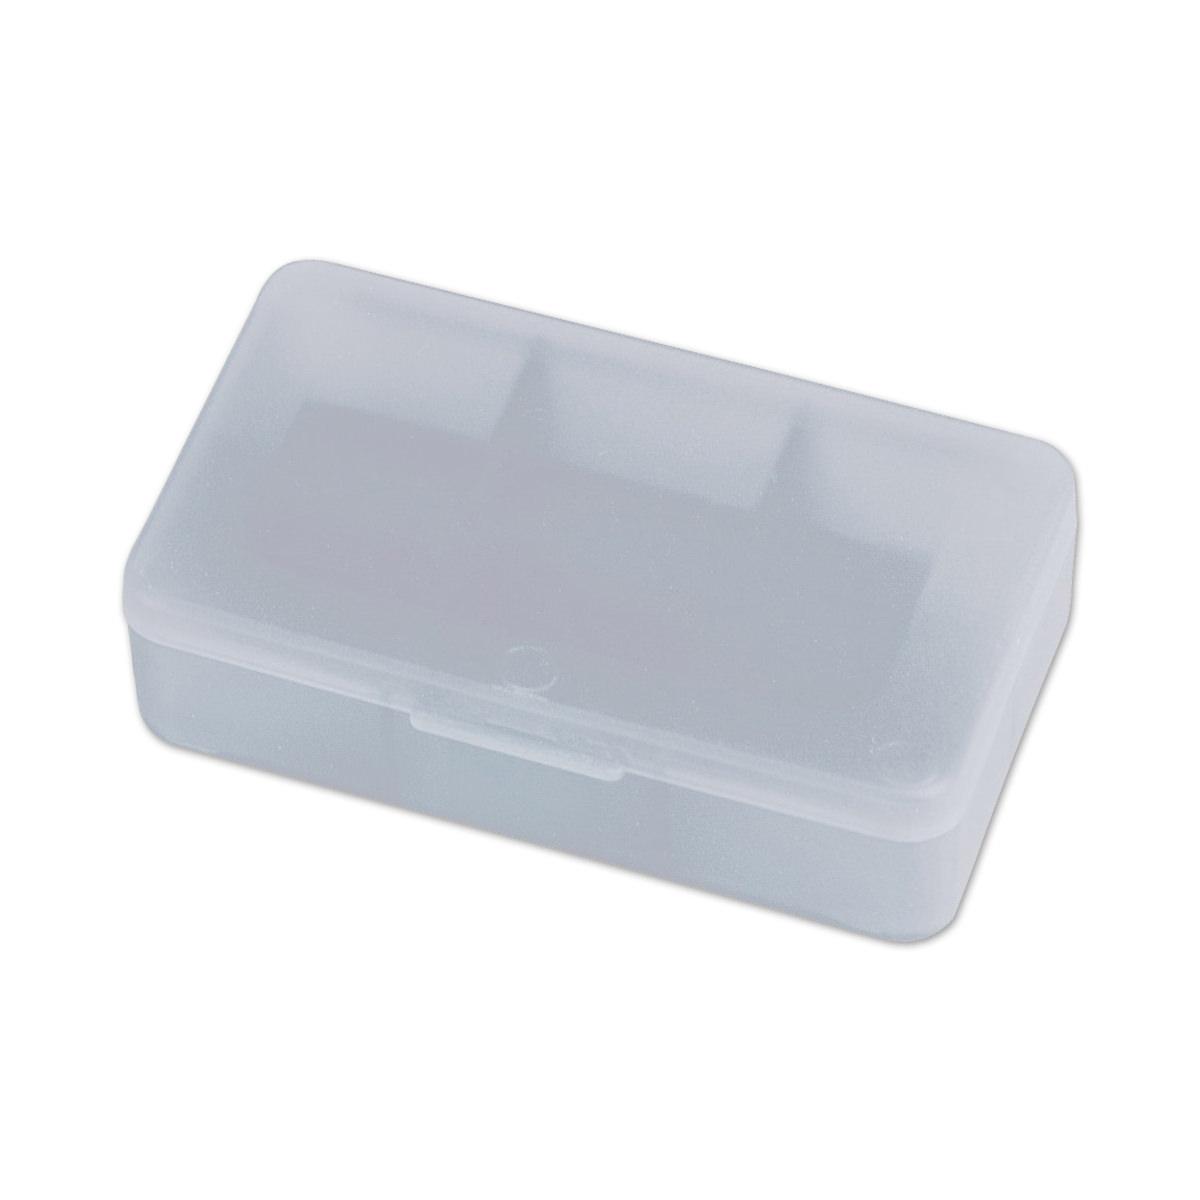 קופסת אחסנה לכדורים 6 תאים - דוק